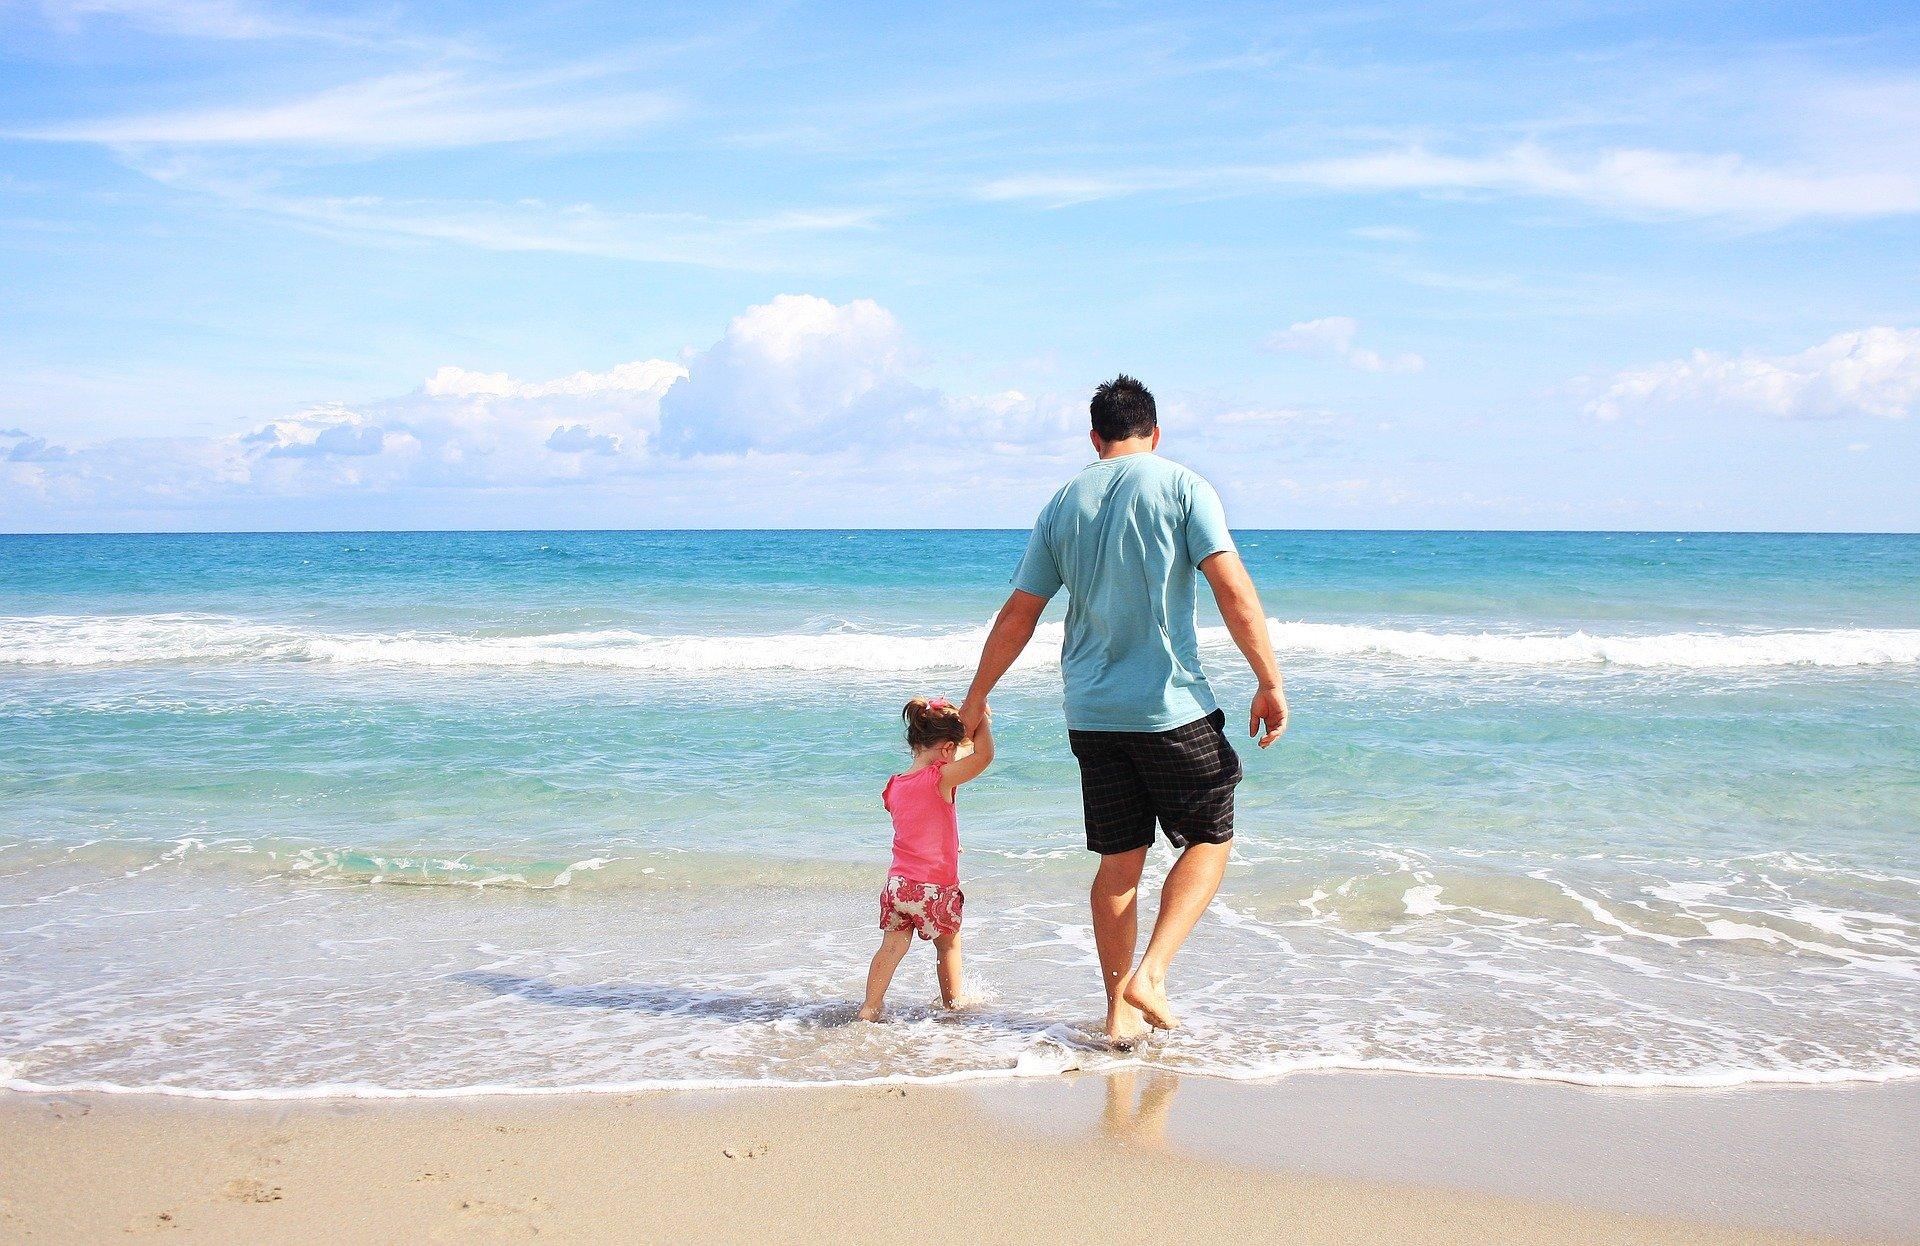 Tată cu fetița pe plajă